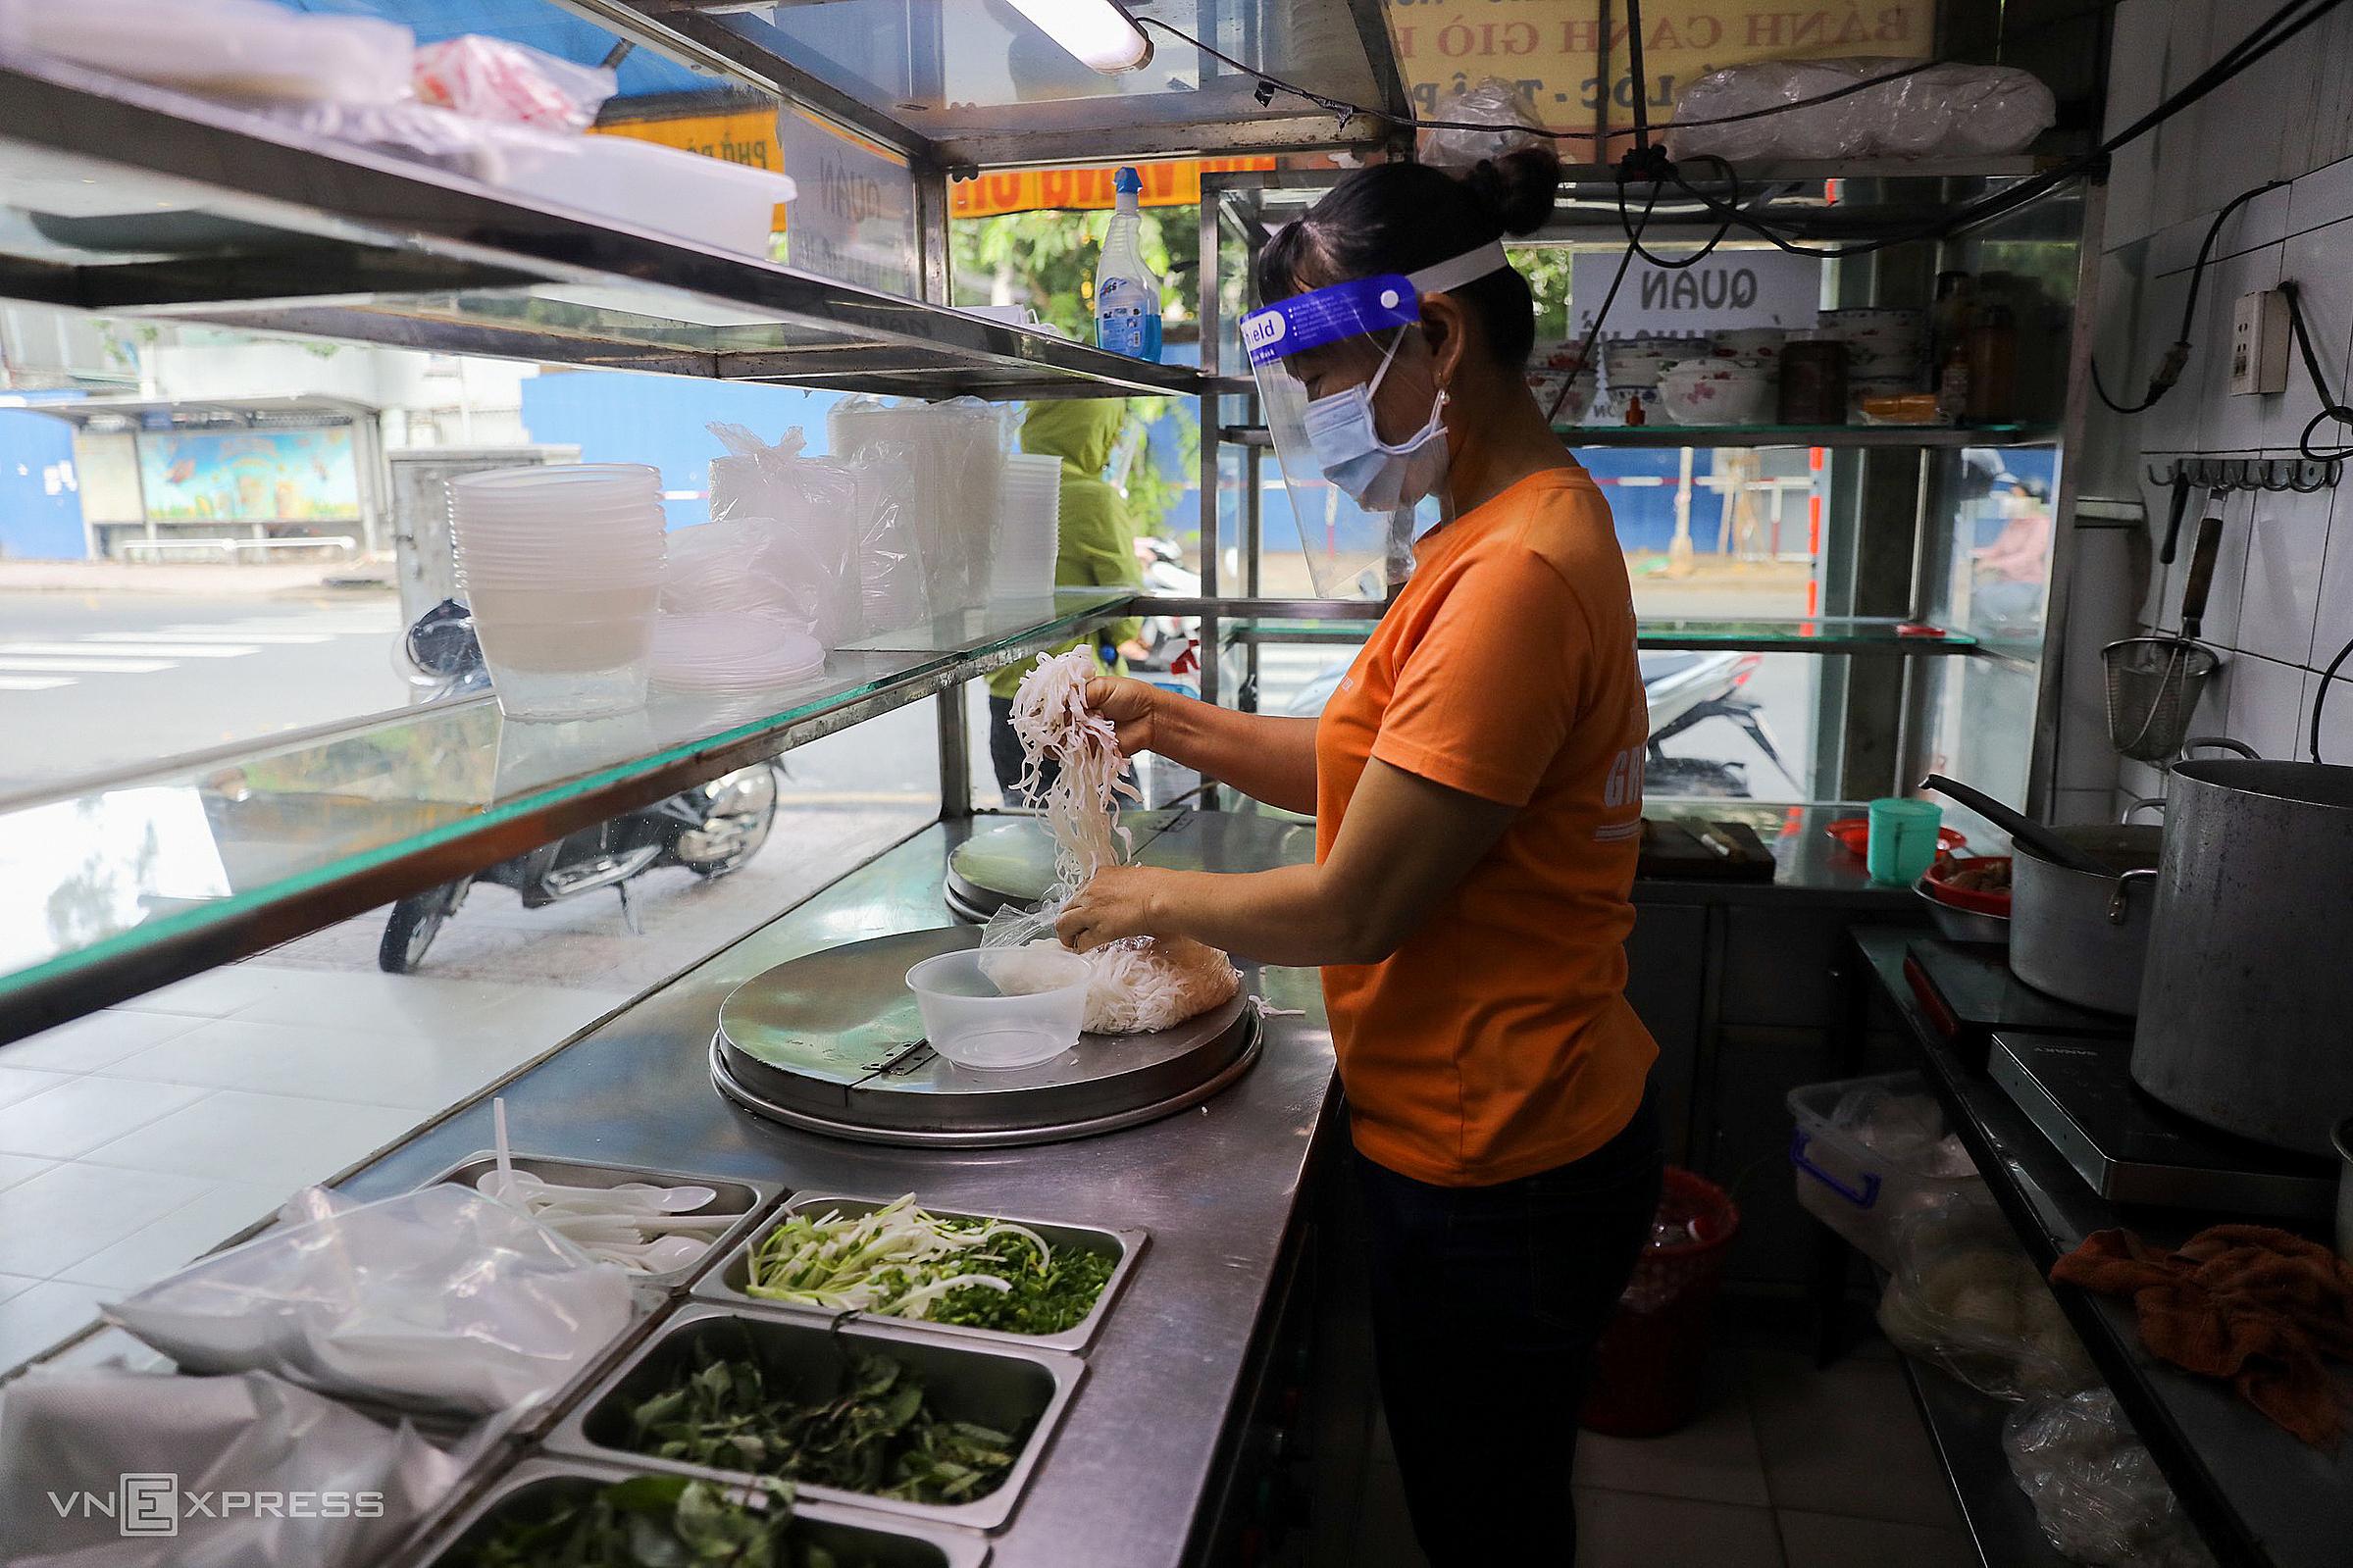 Tiệm hủ tiếu trên đường Nơ Trang Long (quận Bình Thạnh) bán trở lại sáng 9/9. Ảnh: Quỳnh Trần